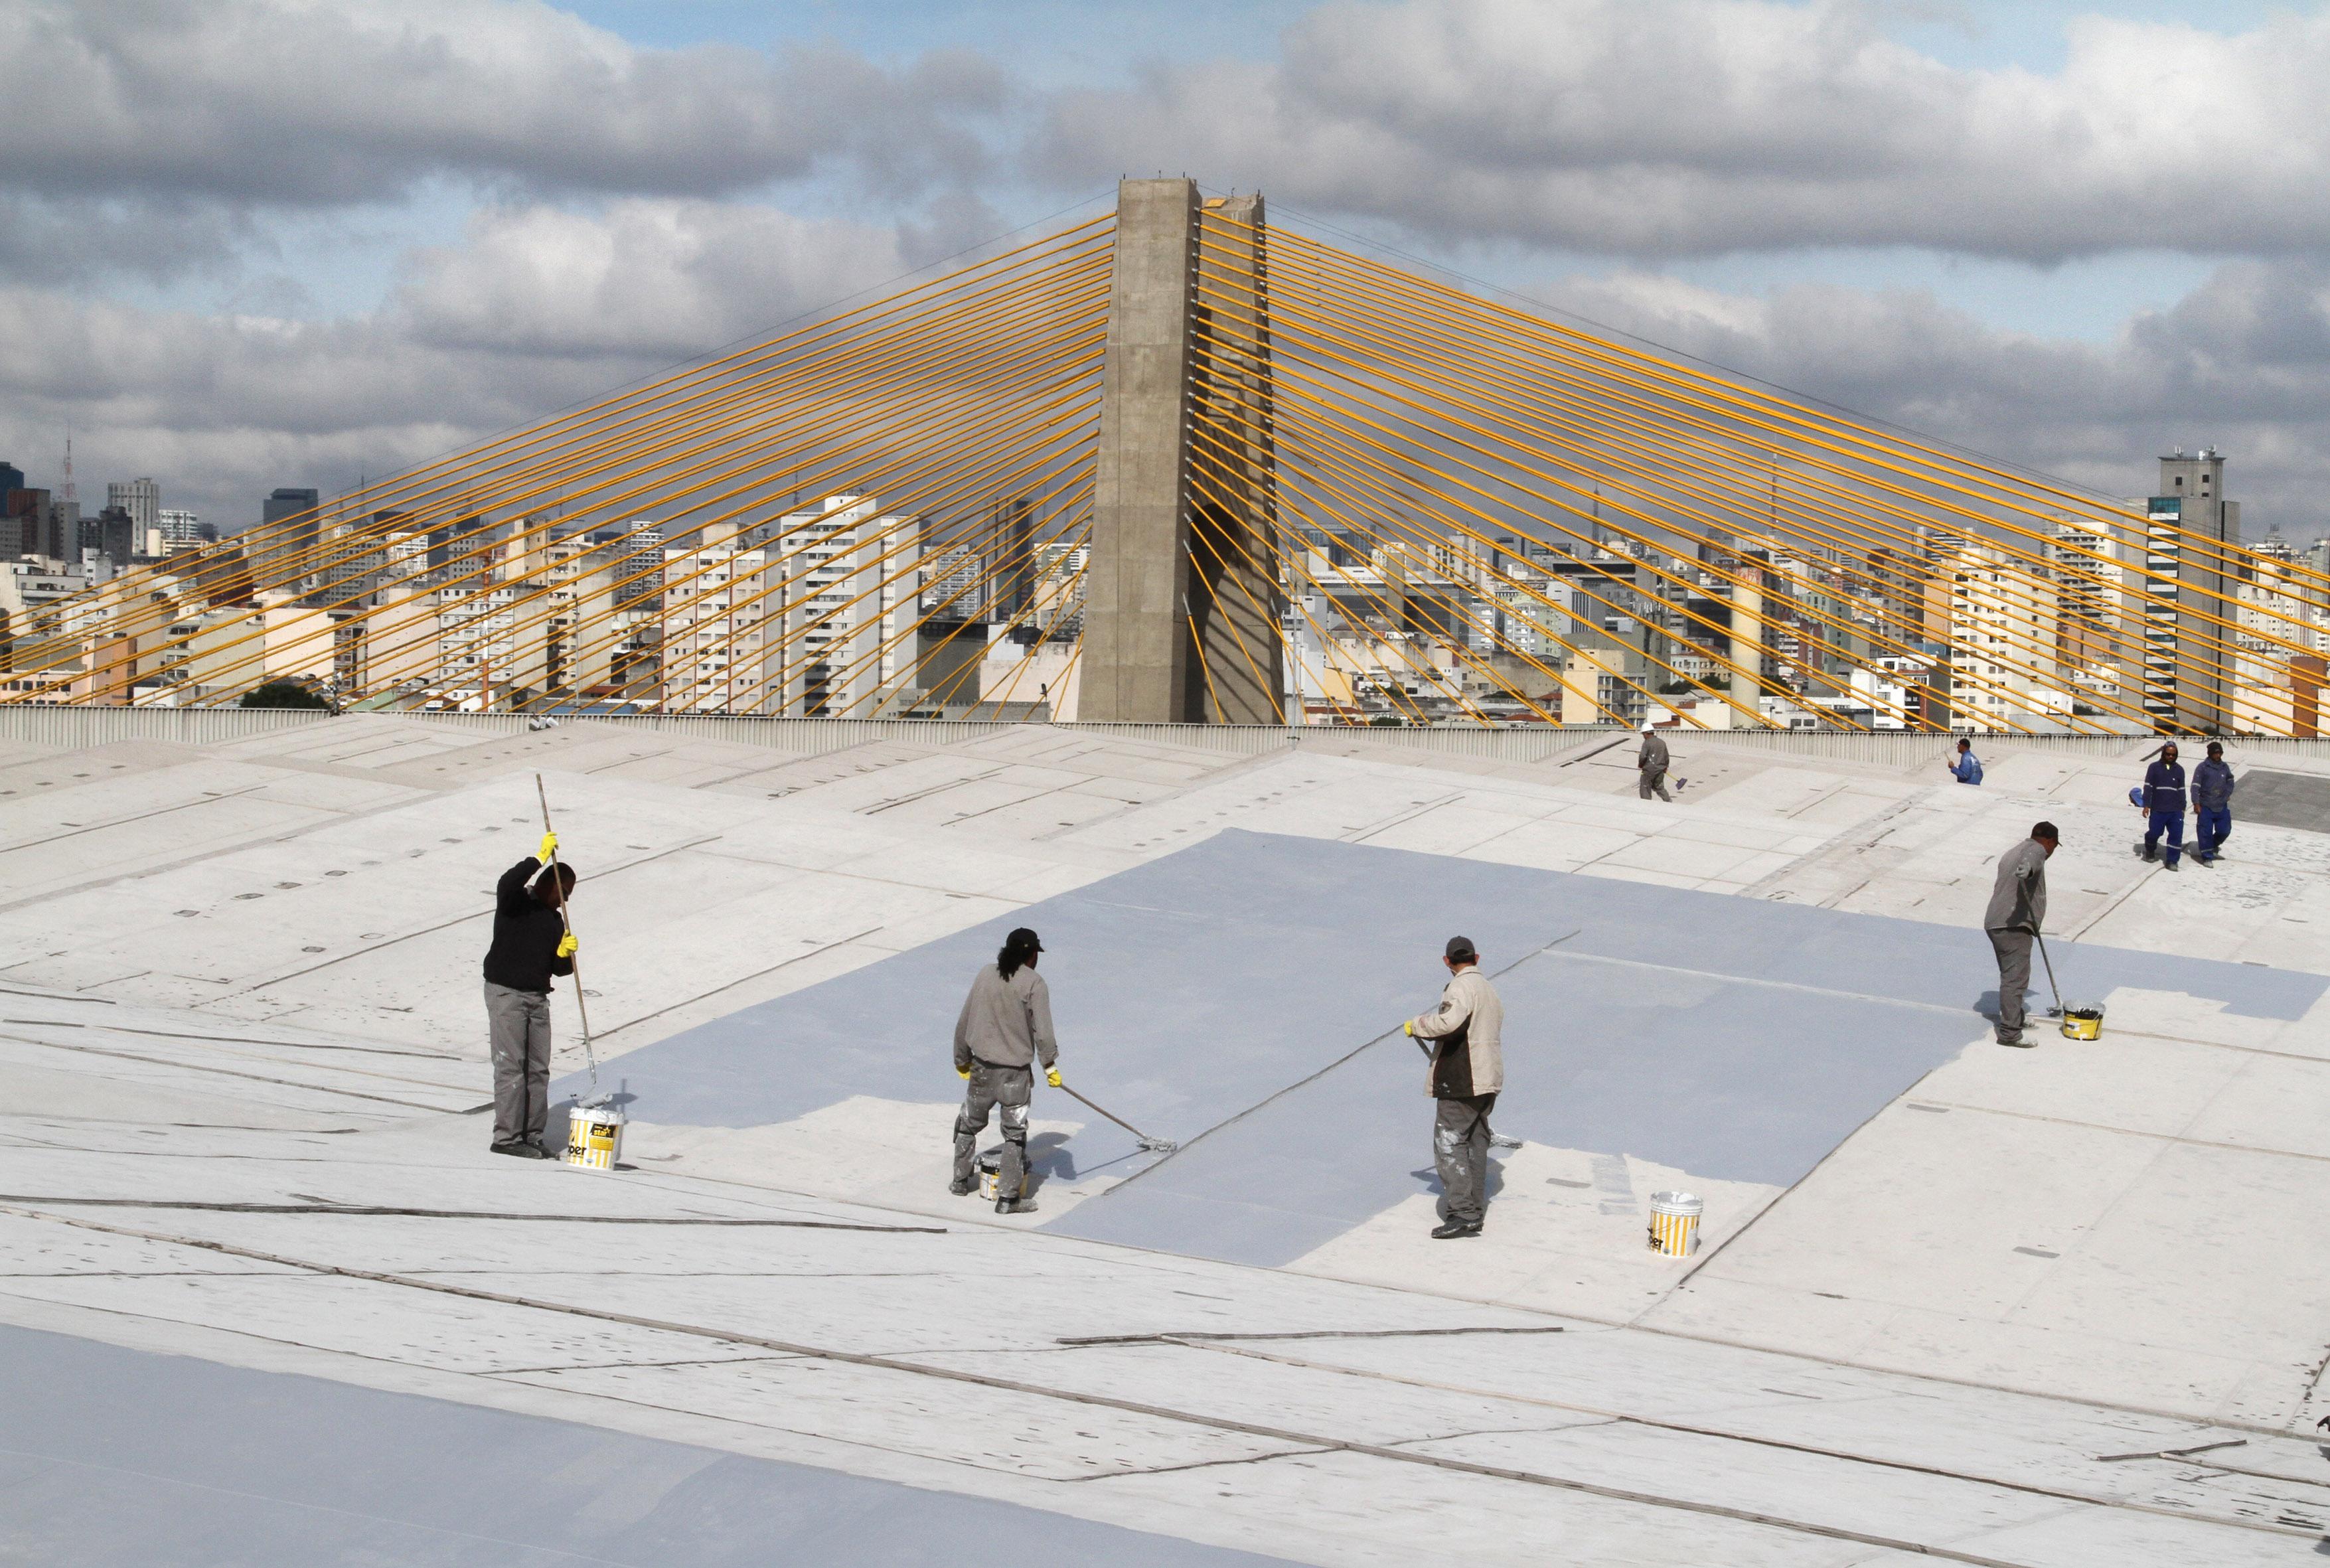 Impermeabilização do telhado do Pavilhão. Foto: Jose Cordeiro/ SPTuris.